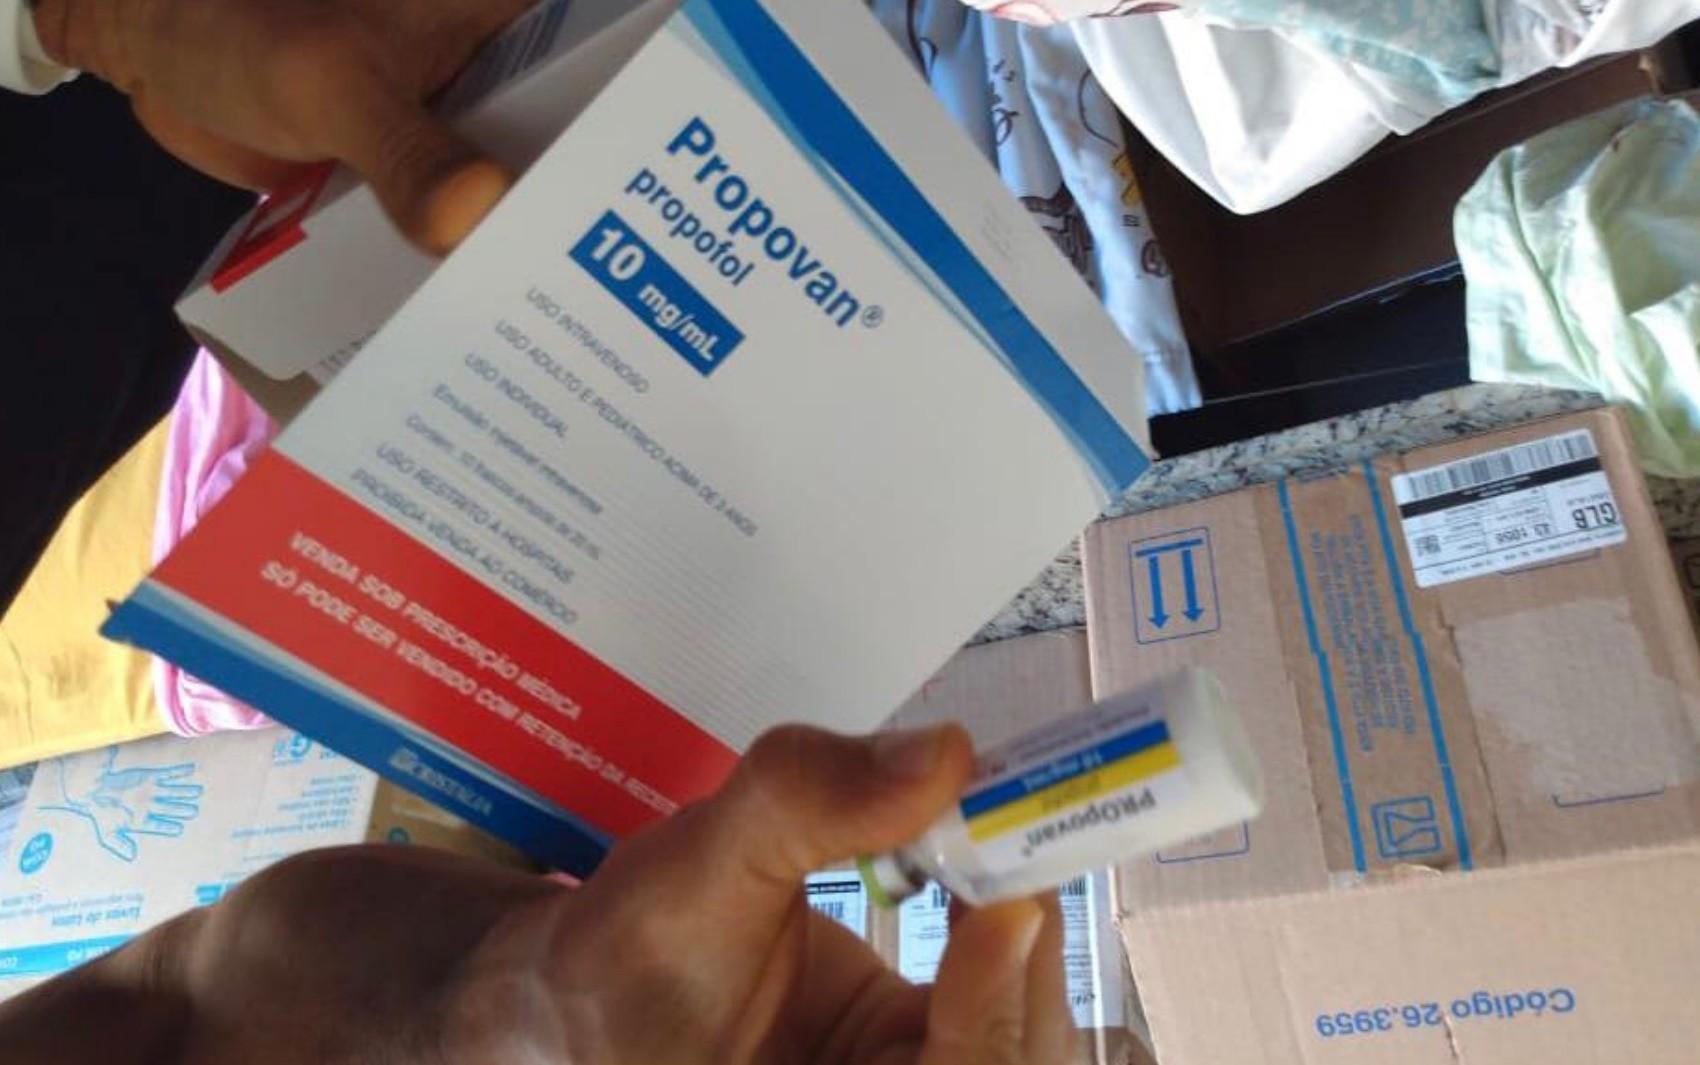 Operação prende suspeito de vender ilegalmente remédios para tratamento de pacientes com Covid-19, em Goiânia